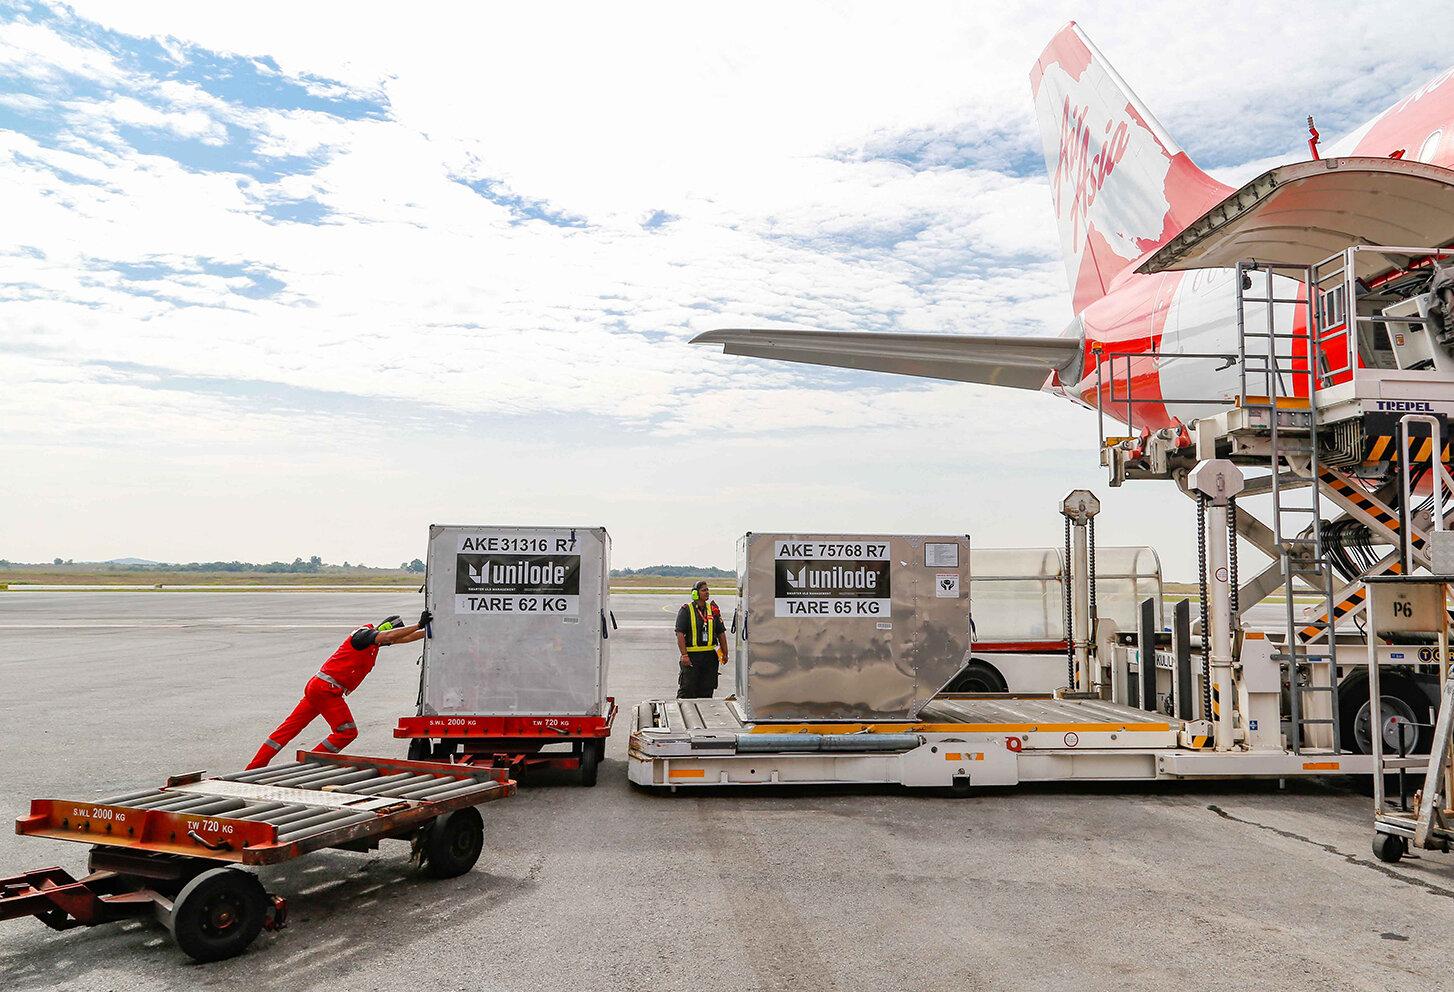 AirAsia utilises freightchain